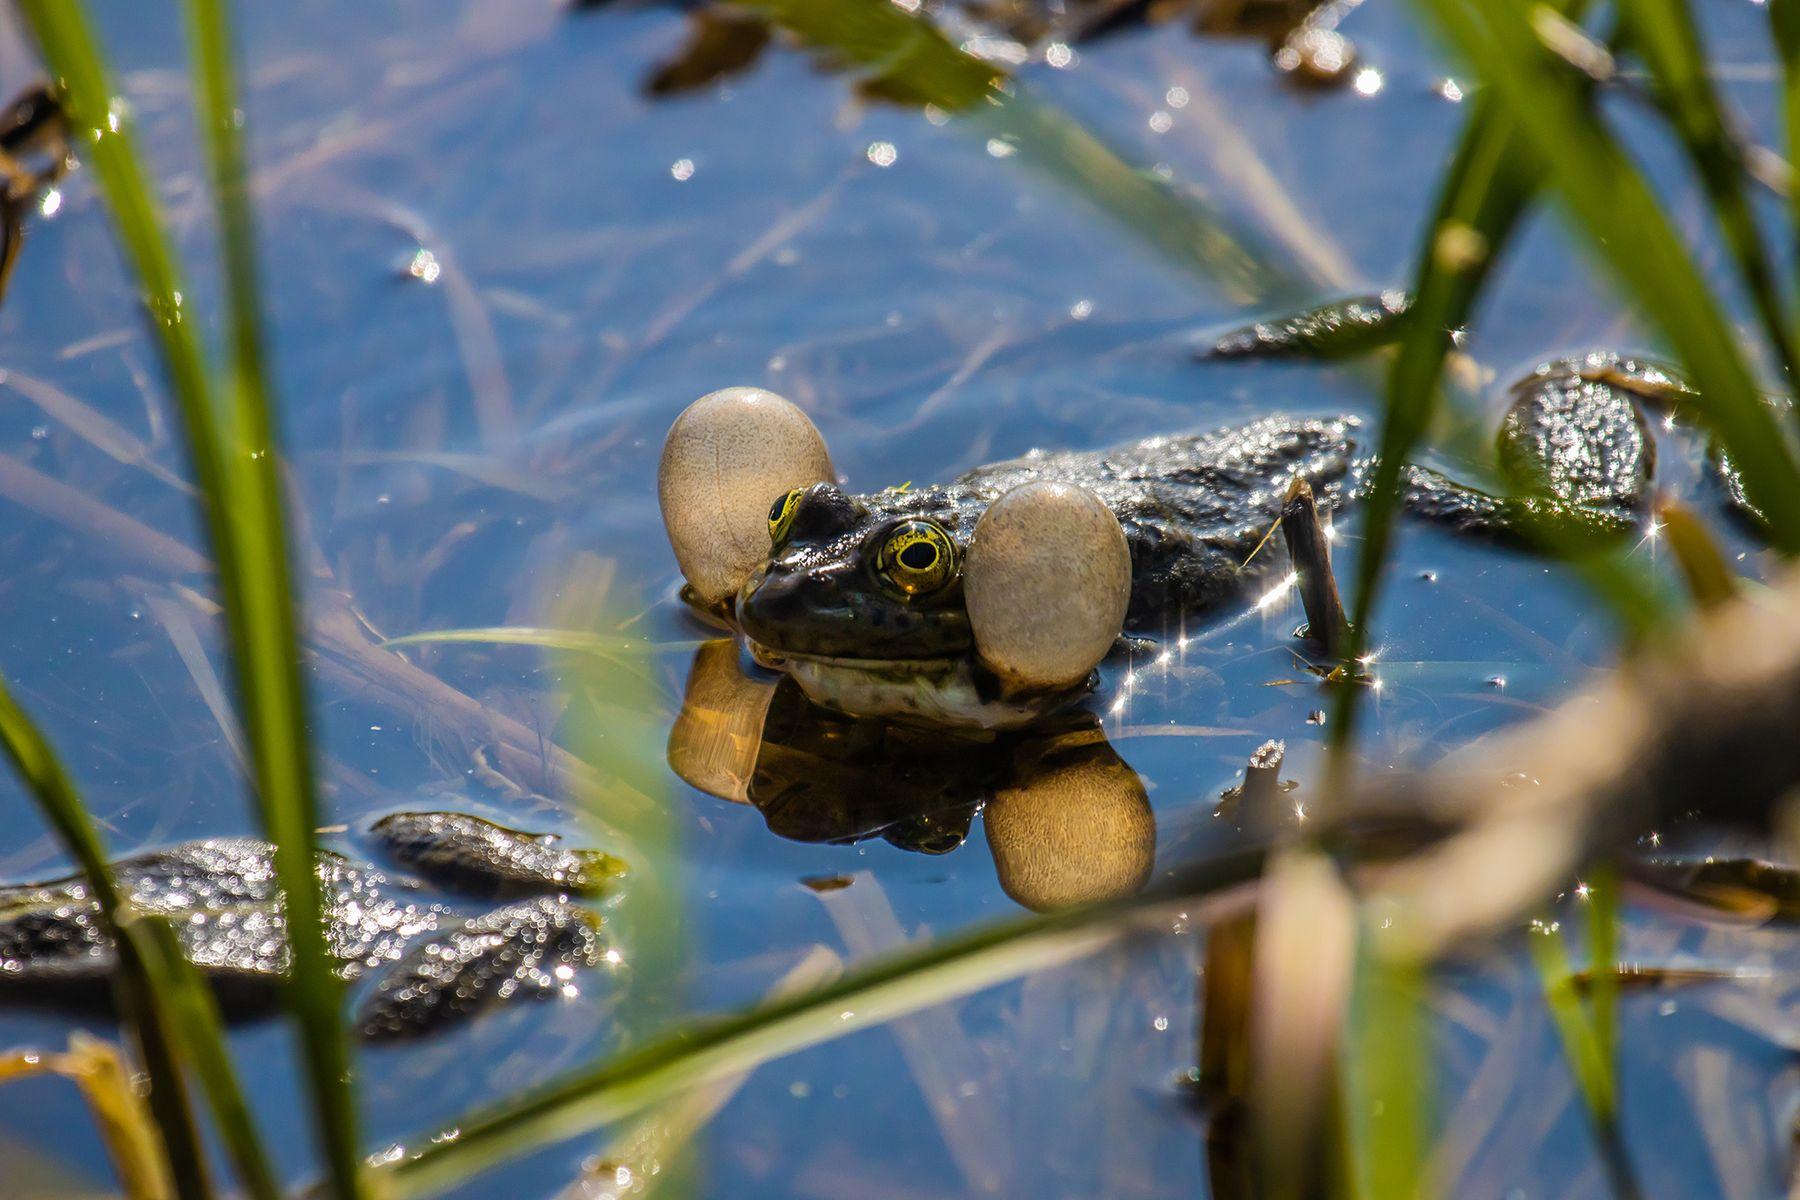 Лягушки поют весело и громко